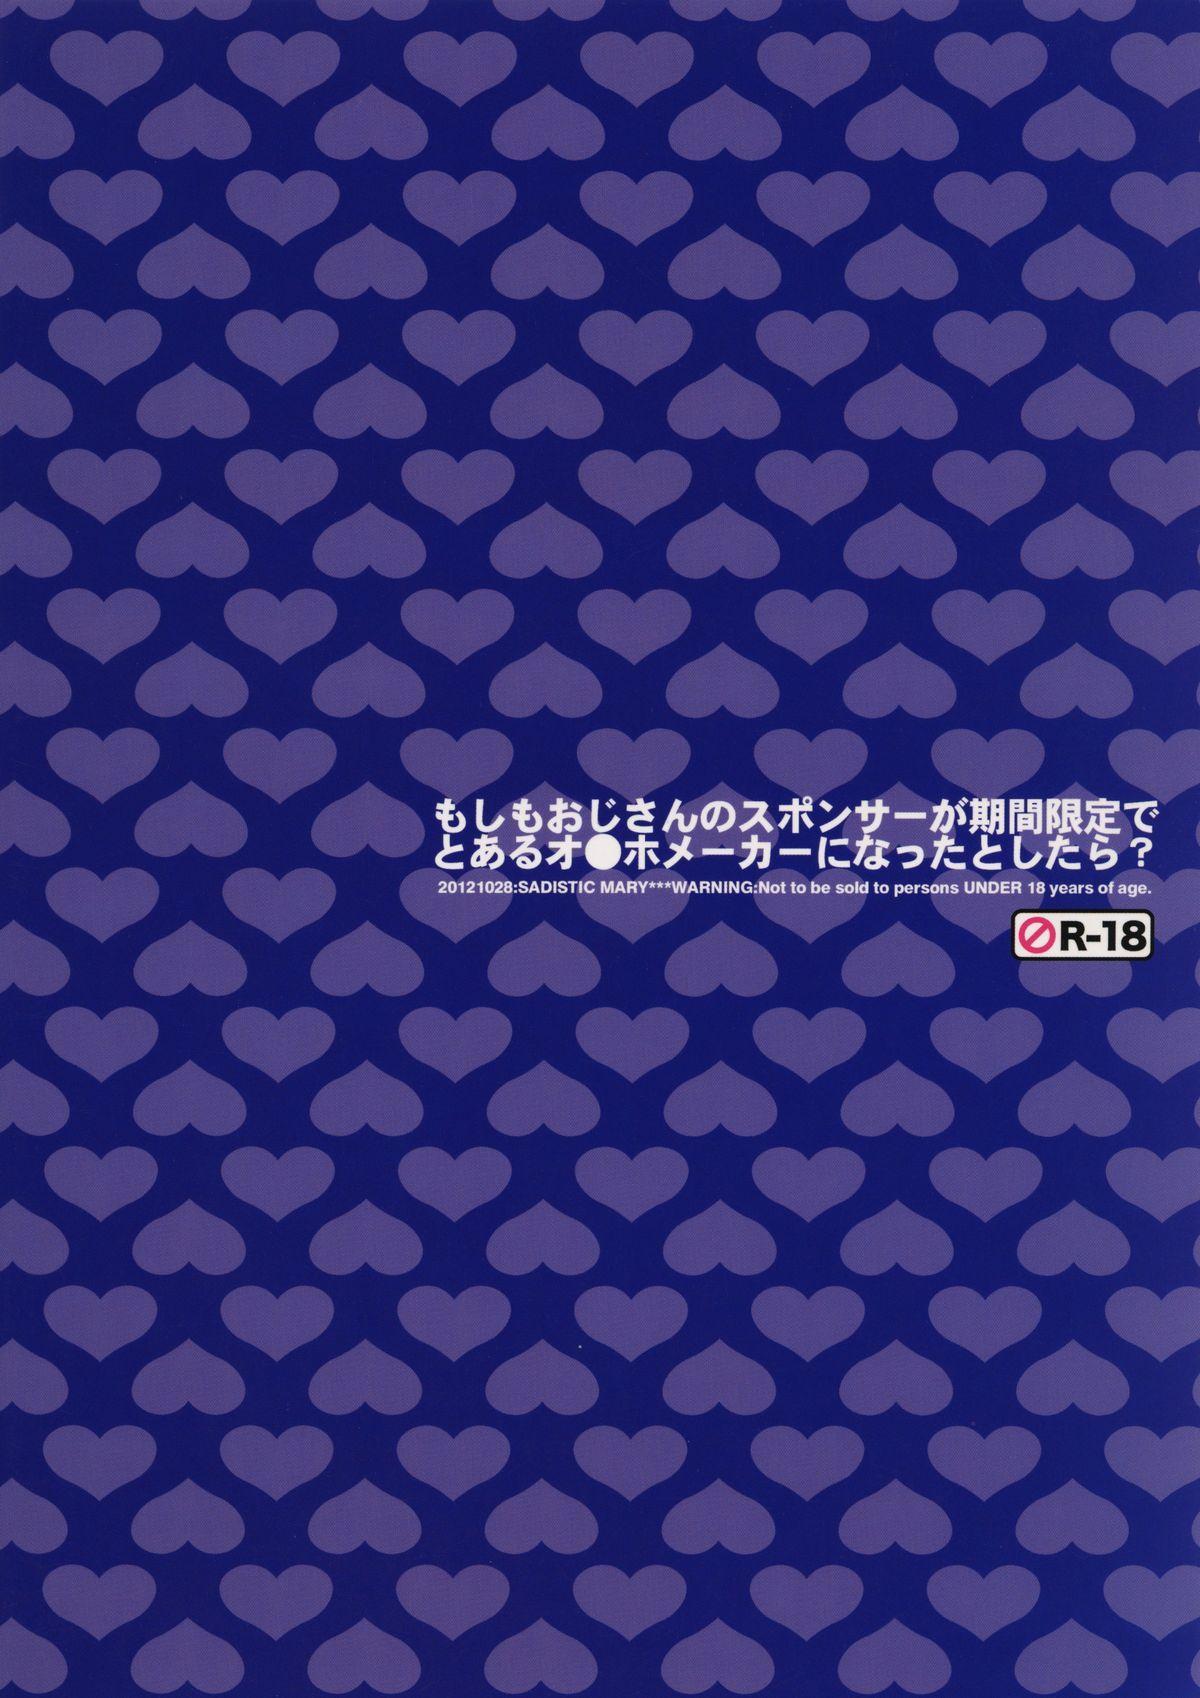 (GONEXT! 4) [Sadistic Mary (Hattori Mitsuka)] Moshimo Oji-san no Sponsor ga Kikan Gentei de Toaru Onahole Maker ni Natta to   What if the Oji-san's sponsor is an onahole maker for a certain time (TIGER & BUNNY) [English] [desudesu] 37